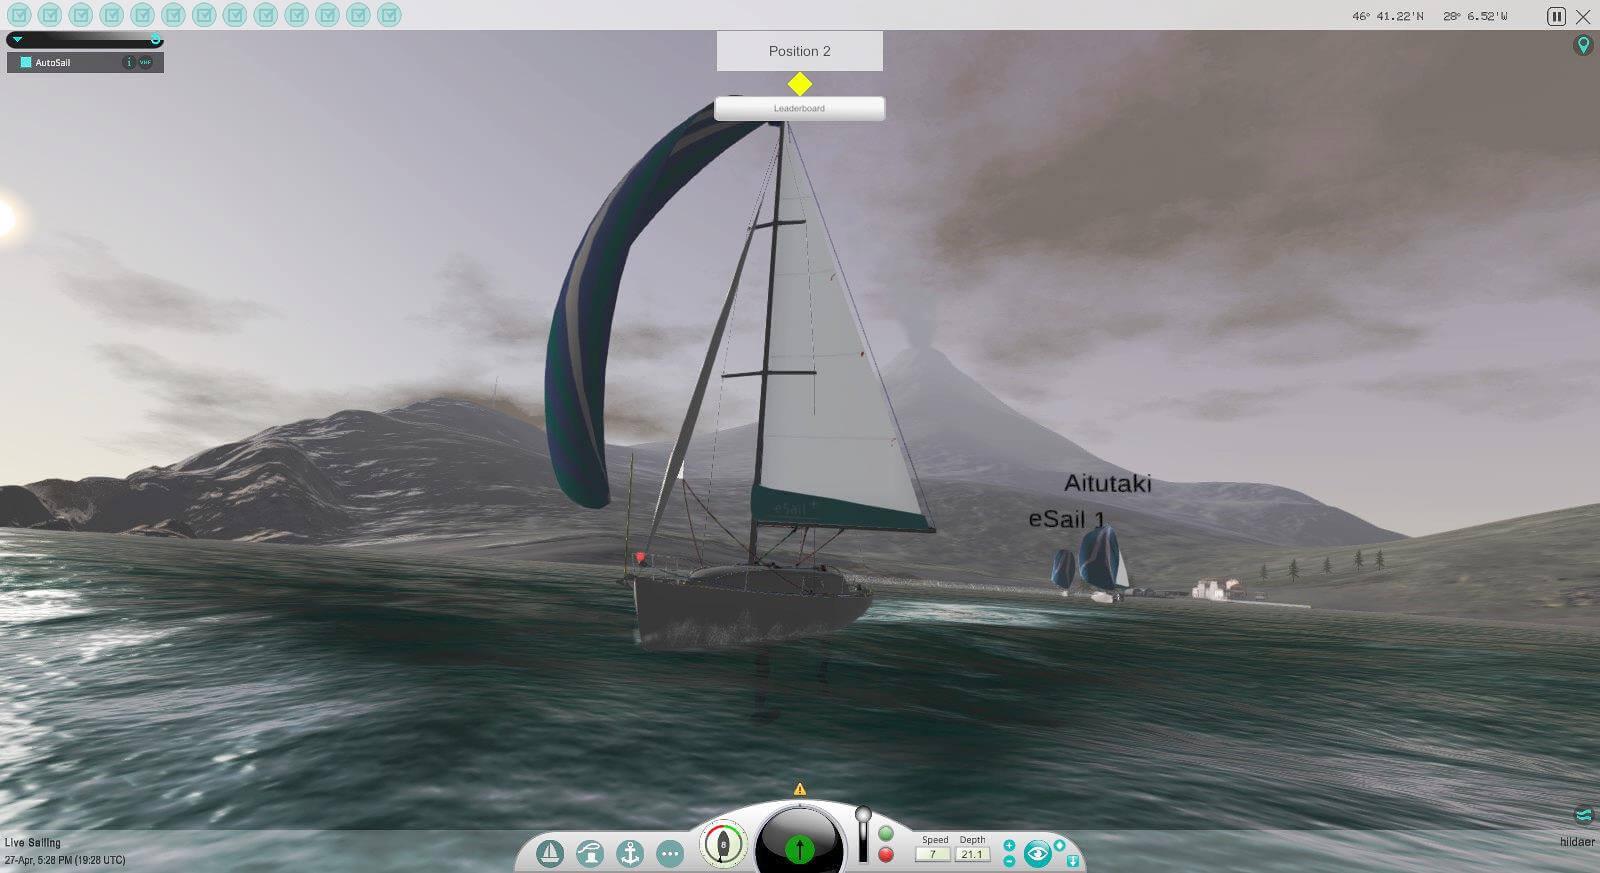 eSail the sailing simulator - virtual racing